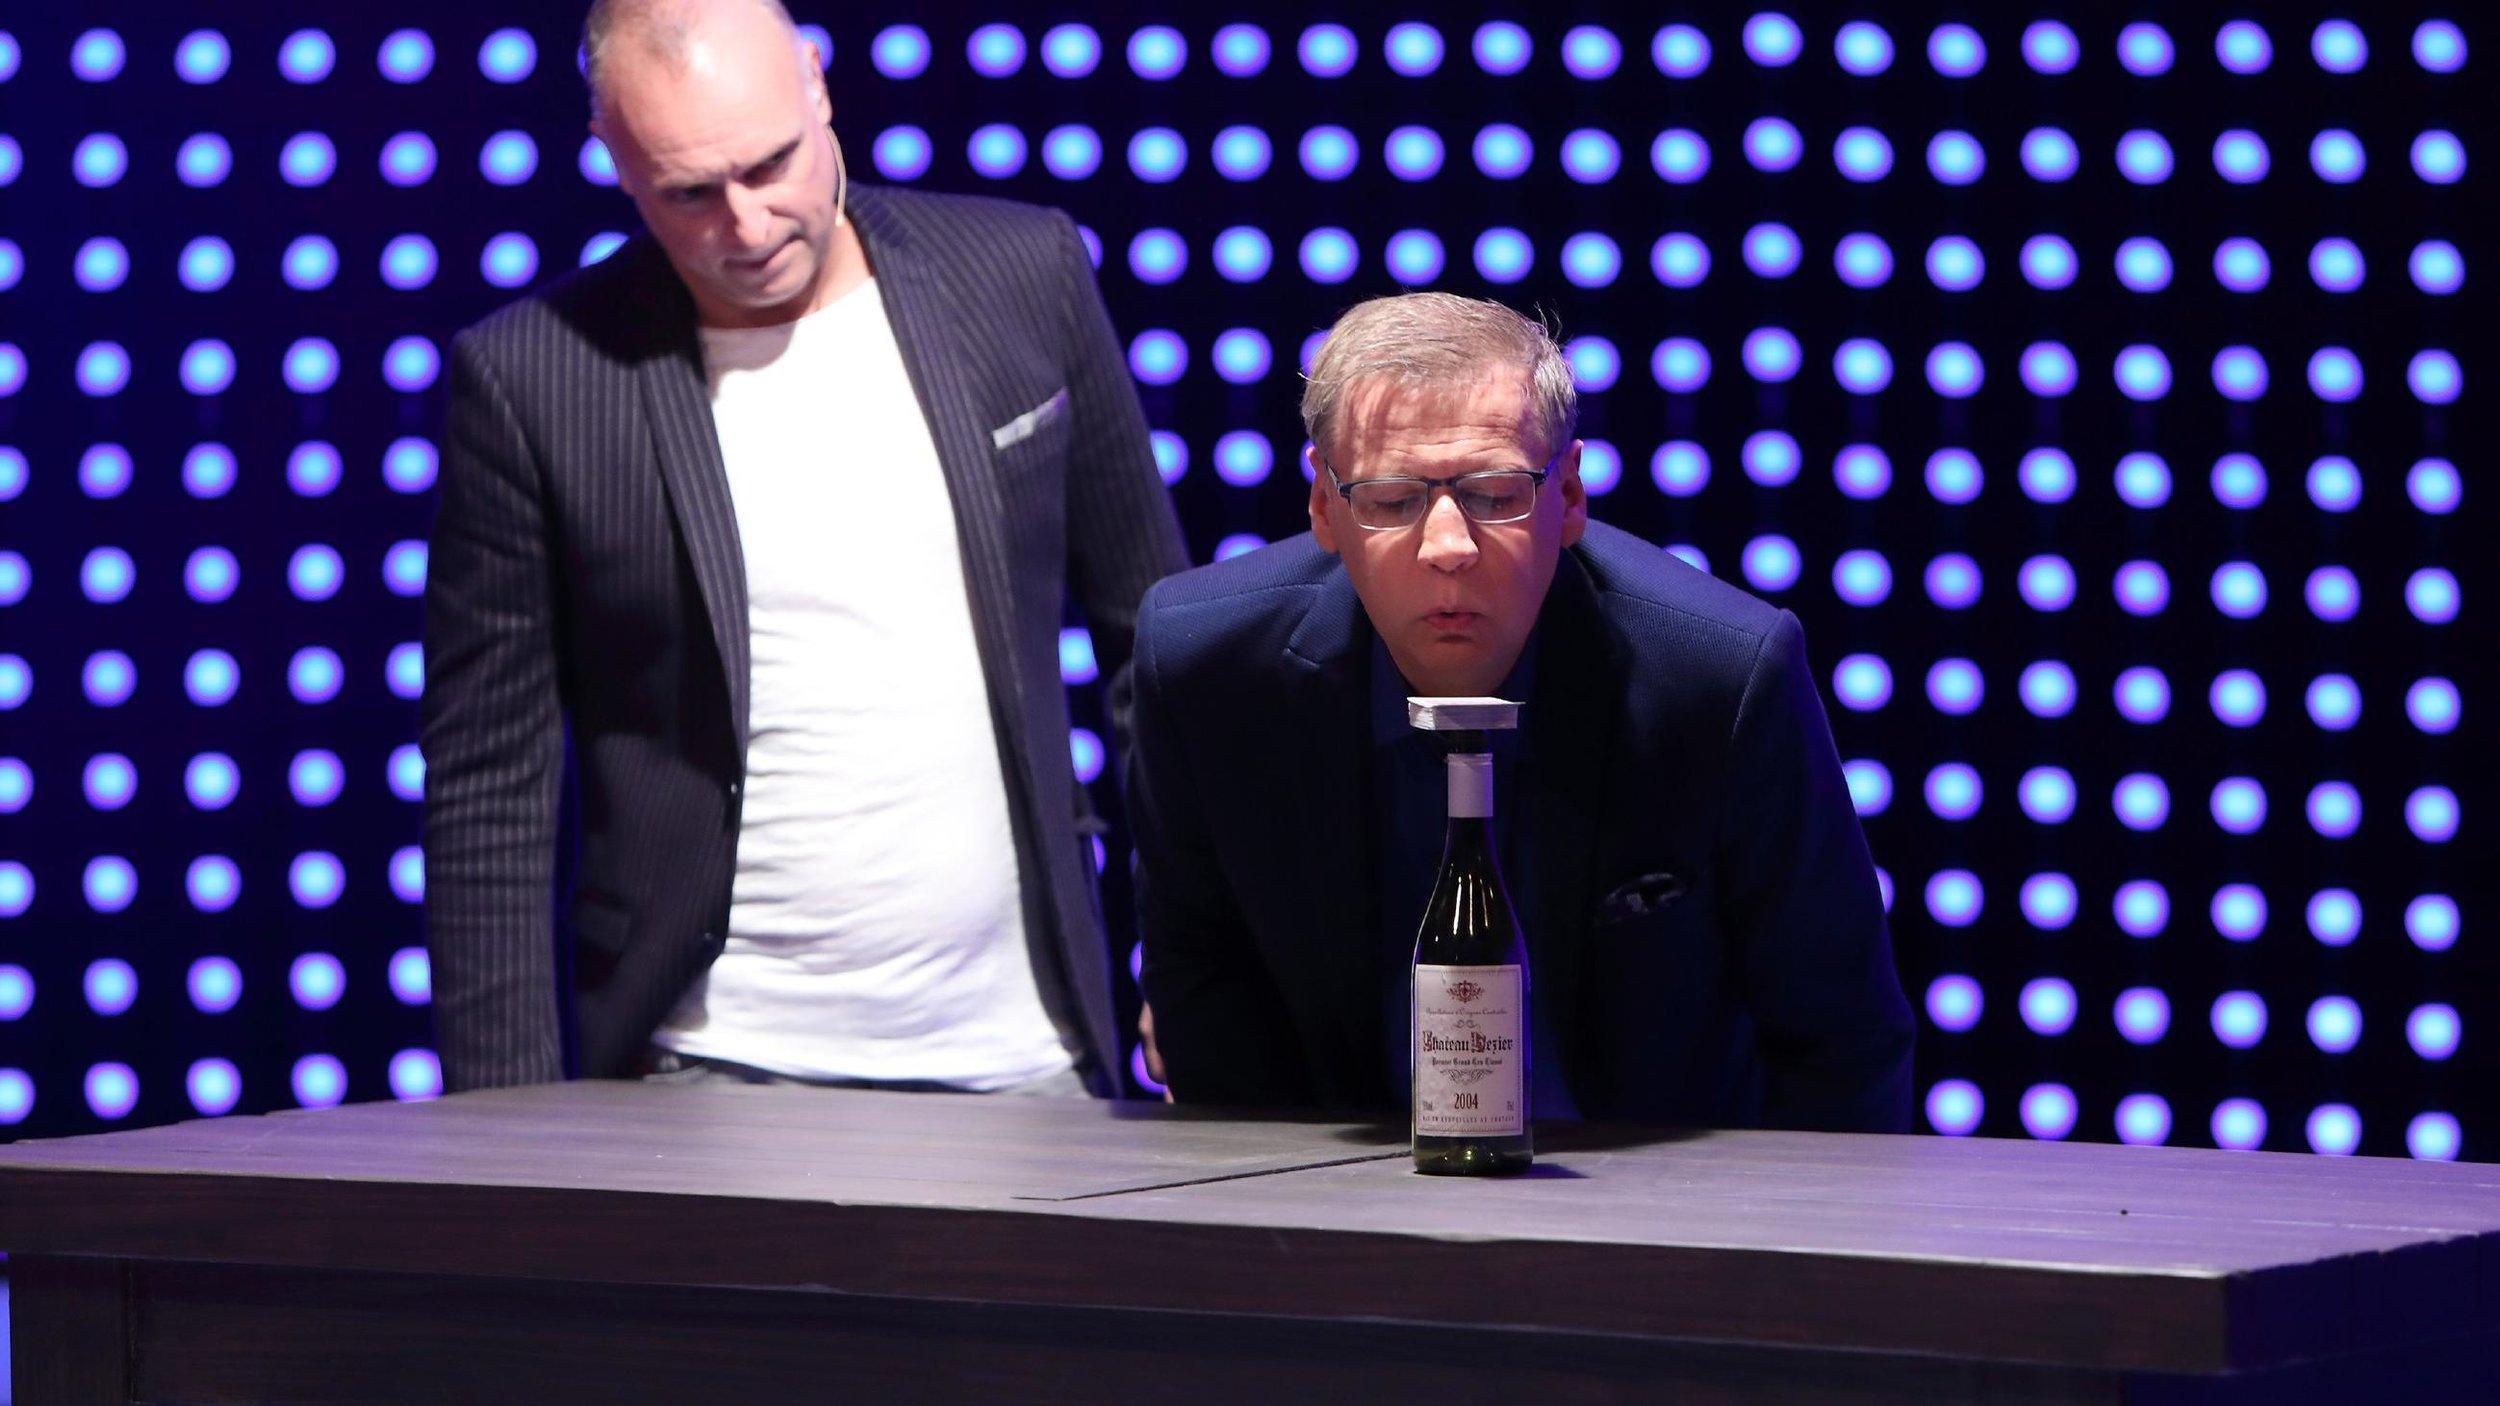 5-gegen-jauch-showpremiere-fuer-frank-buschi-buschmann-als-moderator.jpg